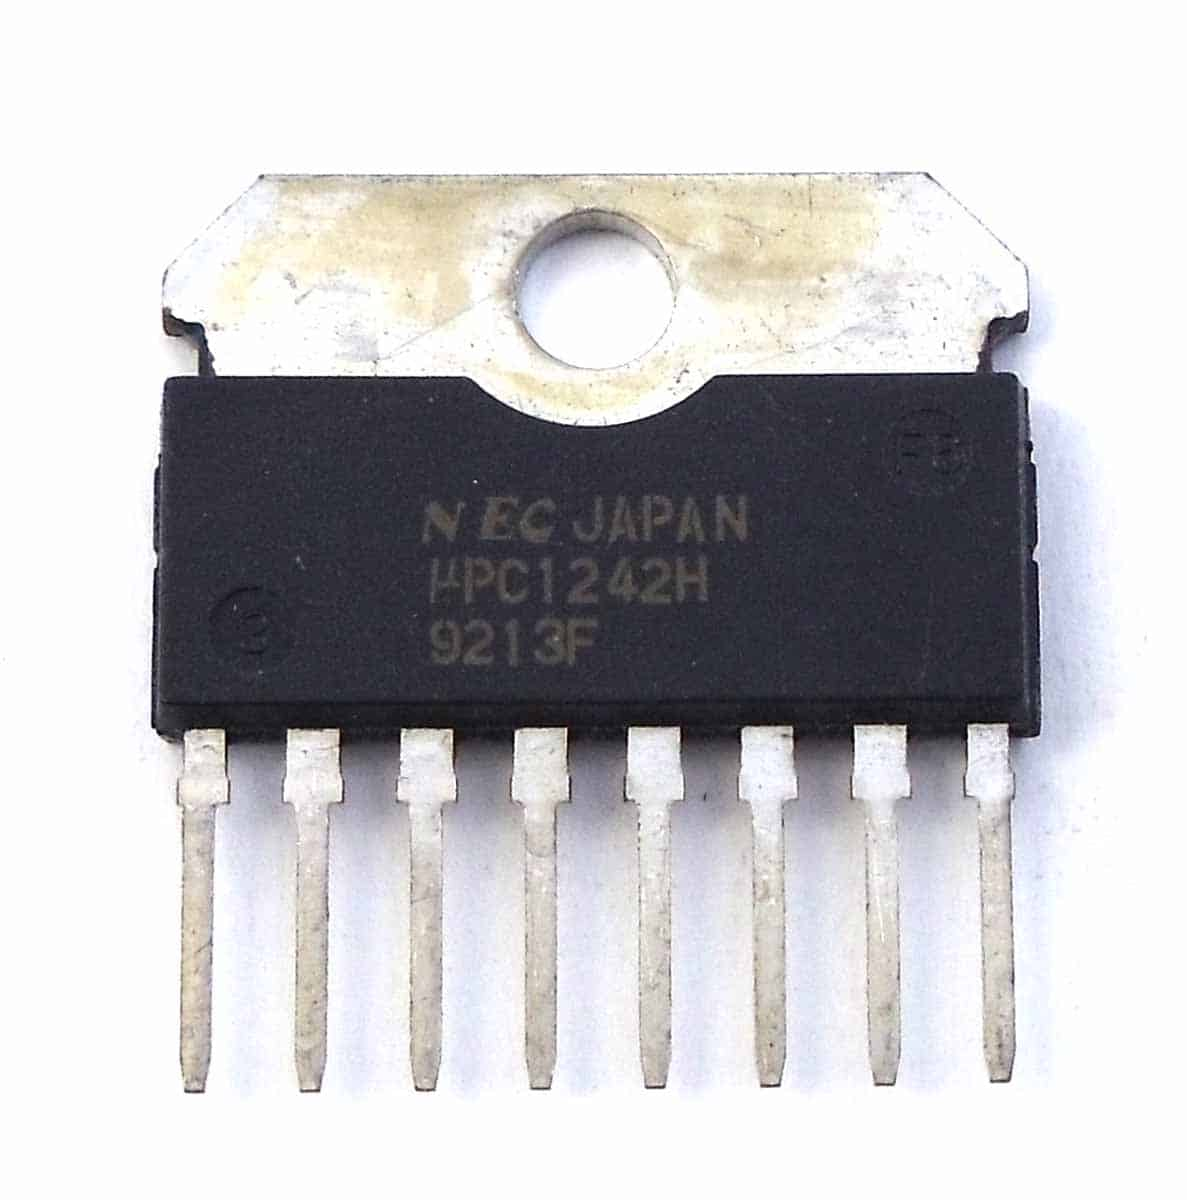 UPC1242 - Linear I.C.